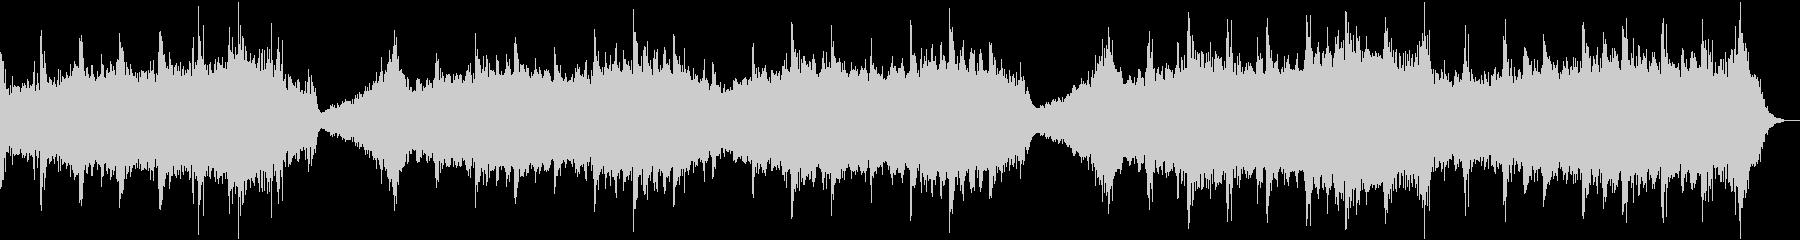 現代の交響曲 劇的な 厳Sol フ...の未再生の波形